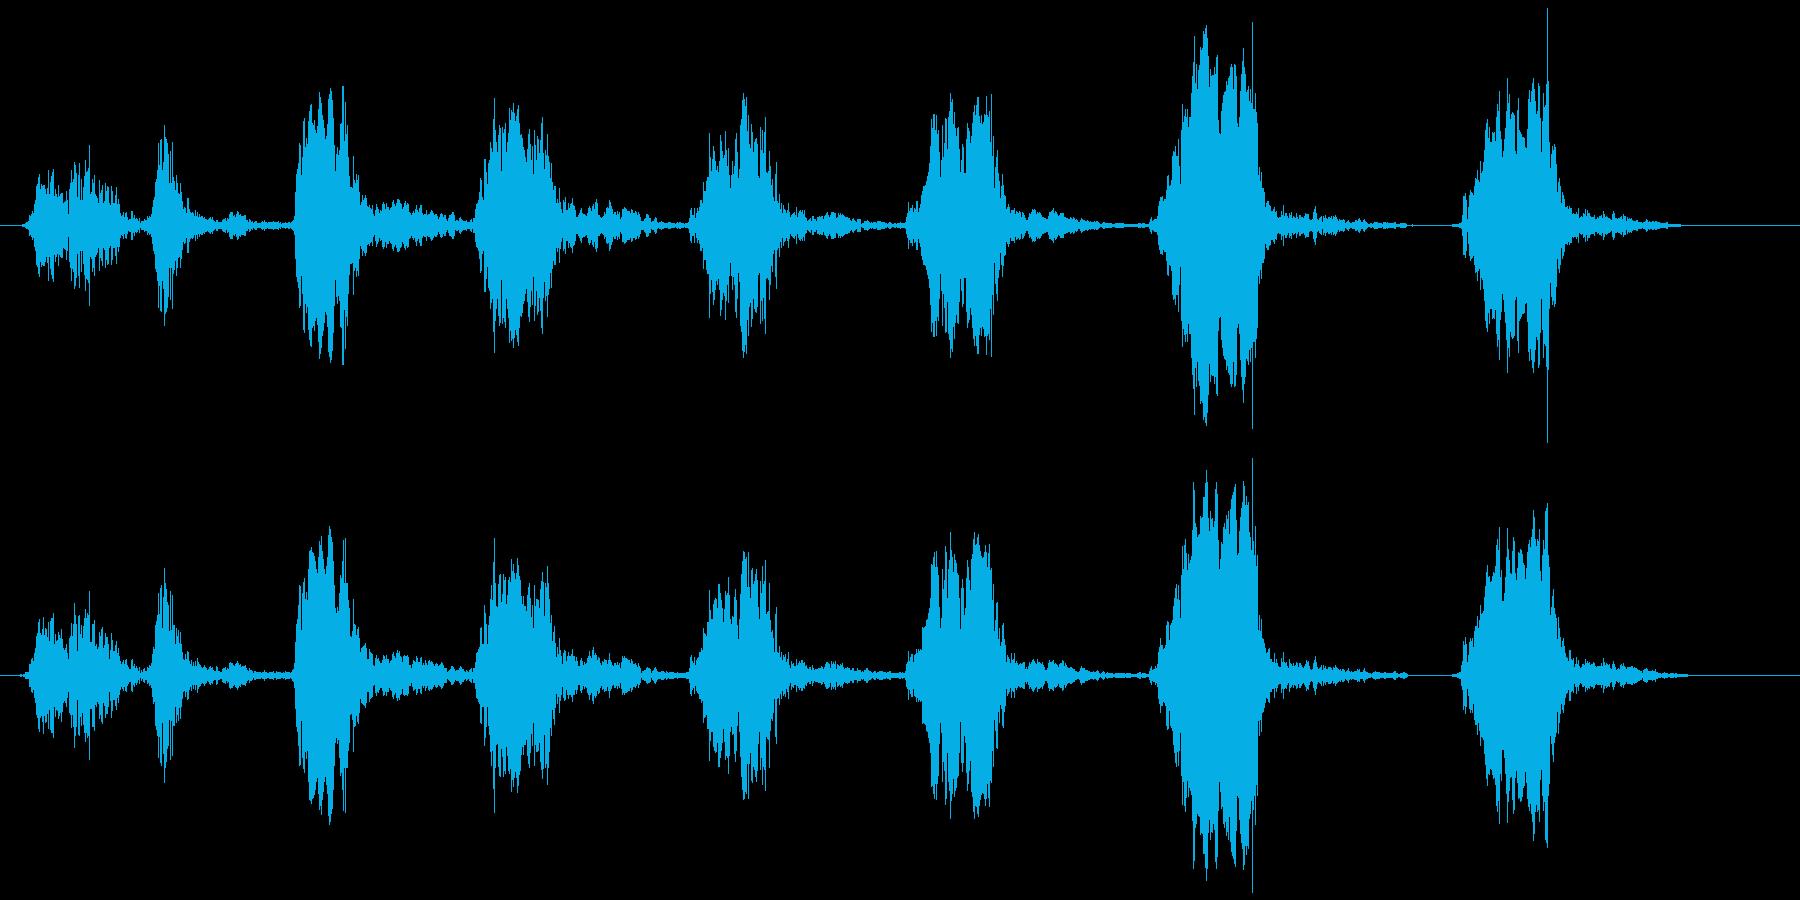 鳥のさえずり (チュ、ヒヒヒヒヒ)の再生済みの波形